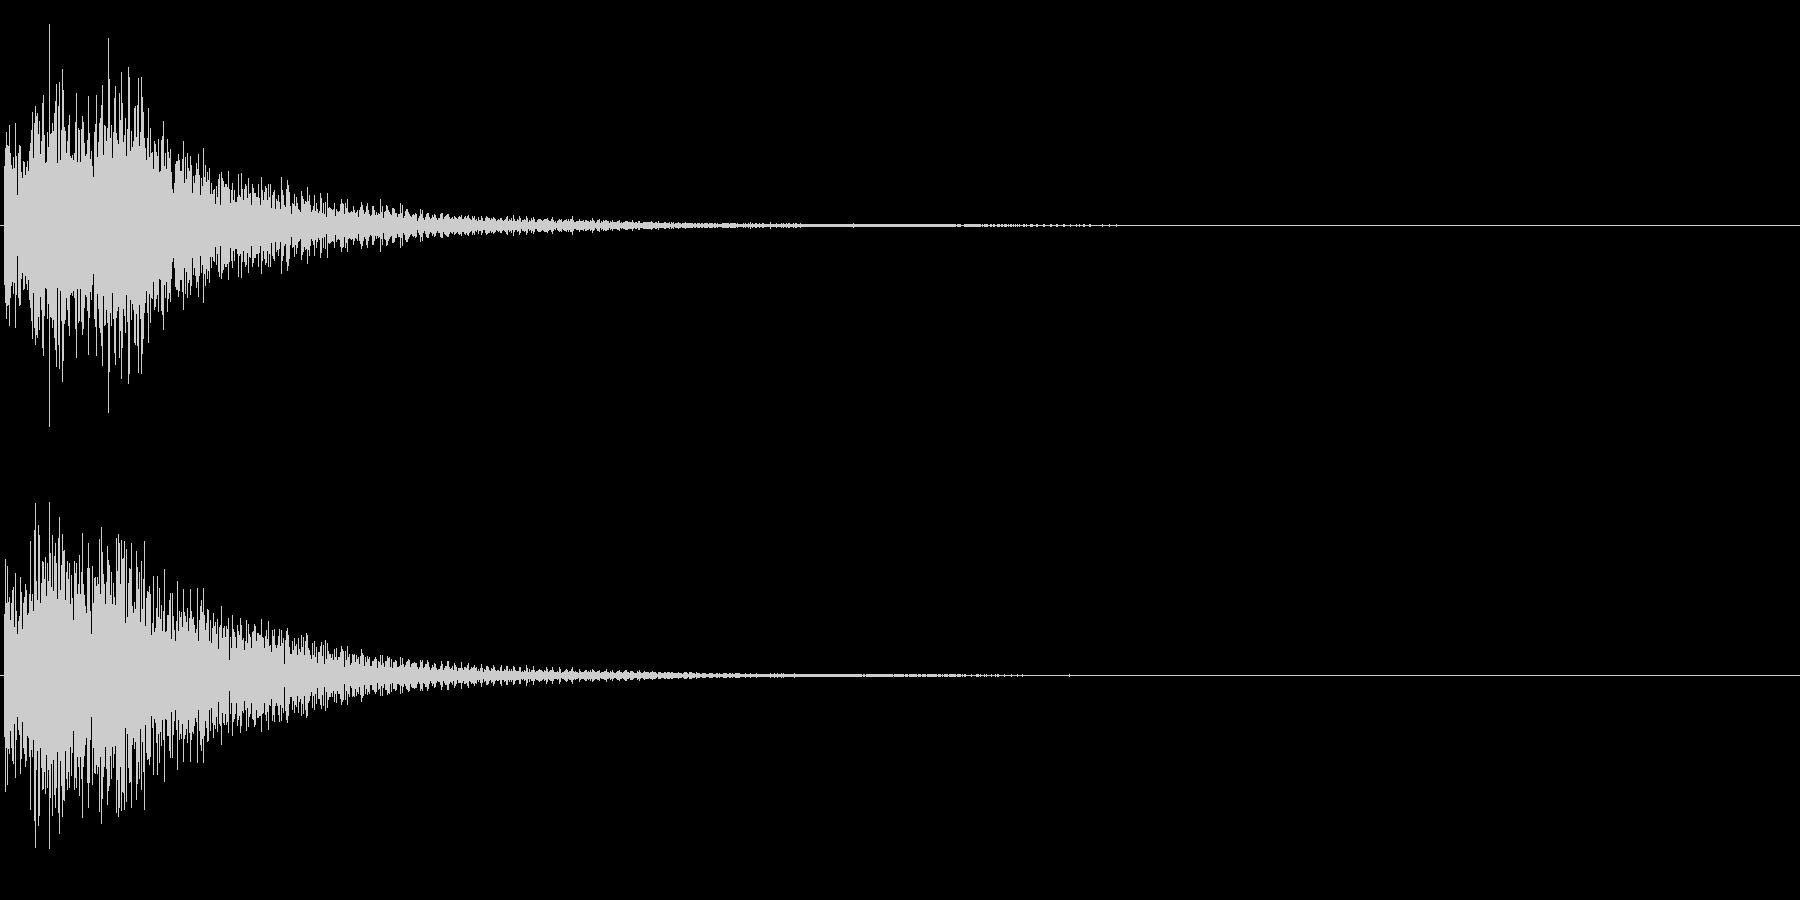 決定音/シンセサイザー/タラン↑の未再生の波形